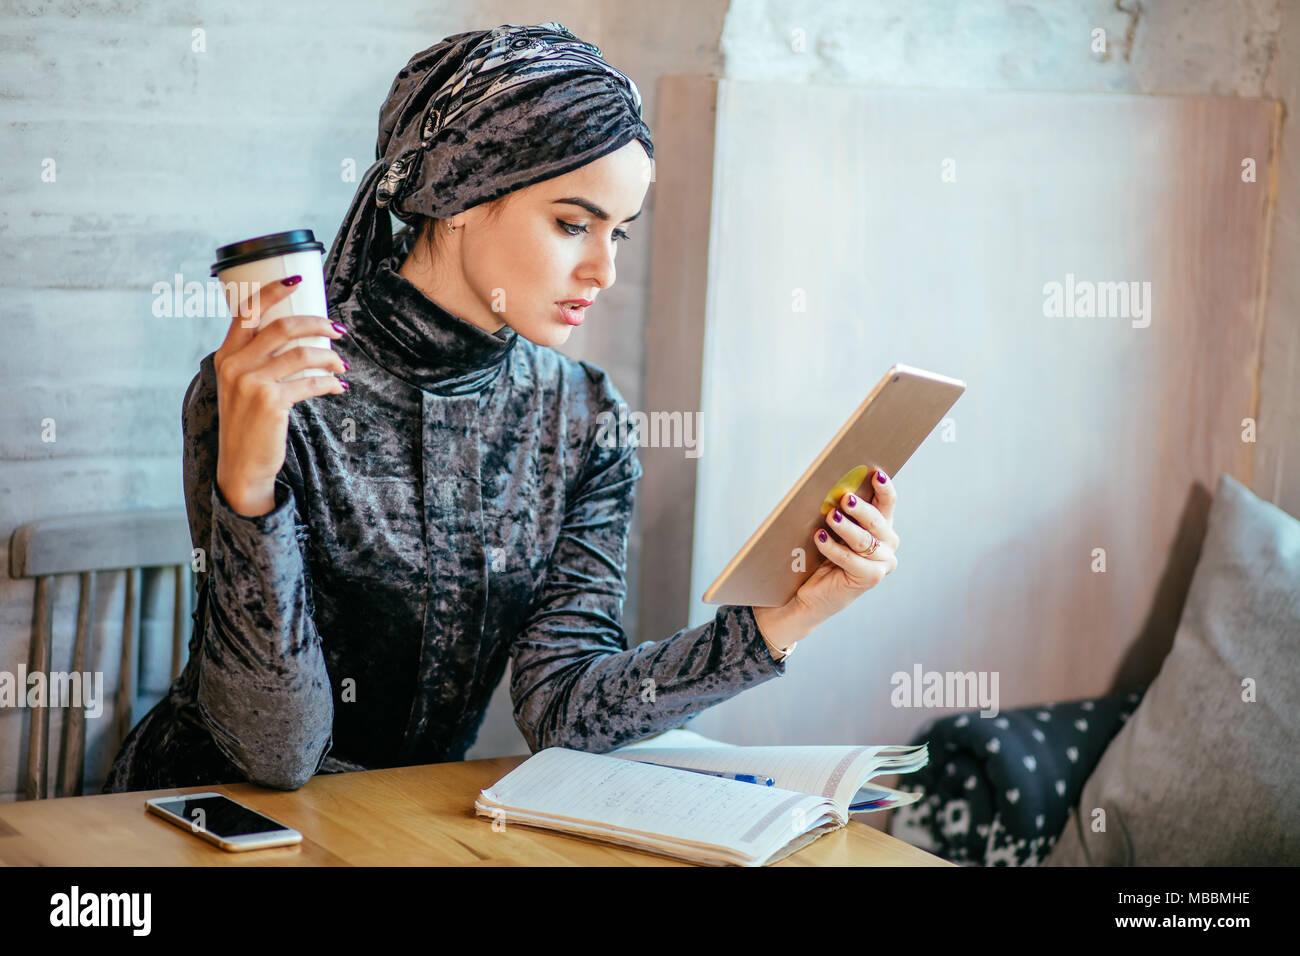 Muslimische Frauen arbeiten mit Tablet- und trinken Kaffee im Cafe Stockbild